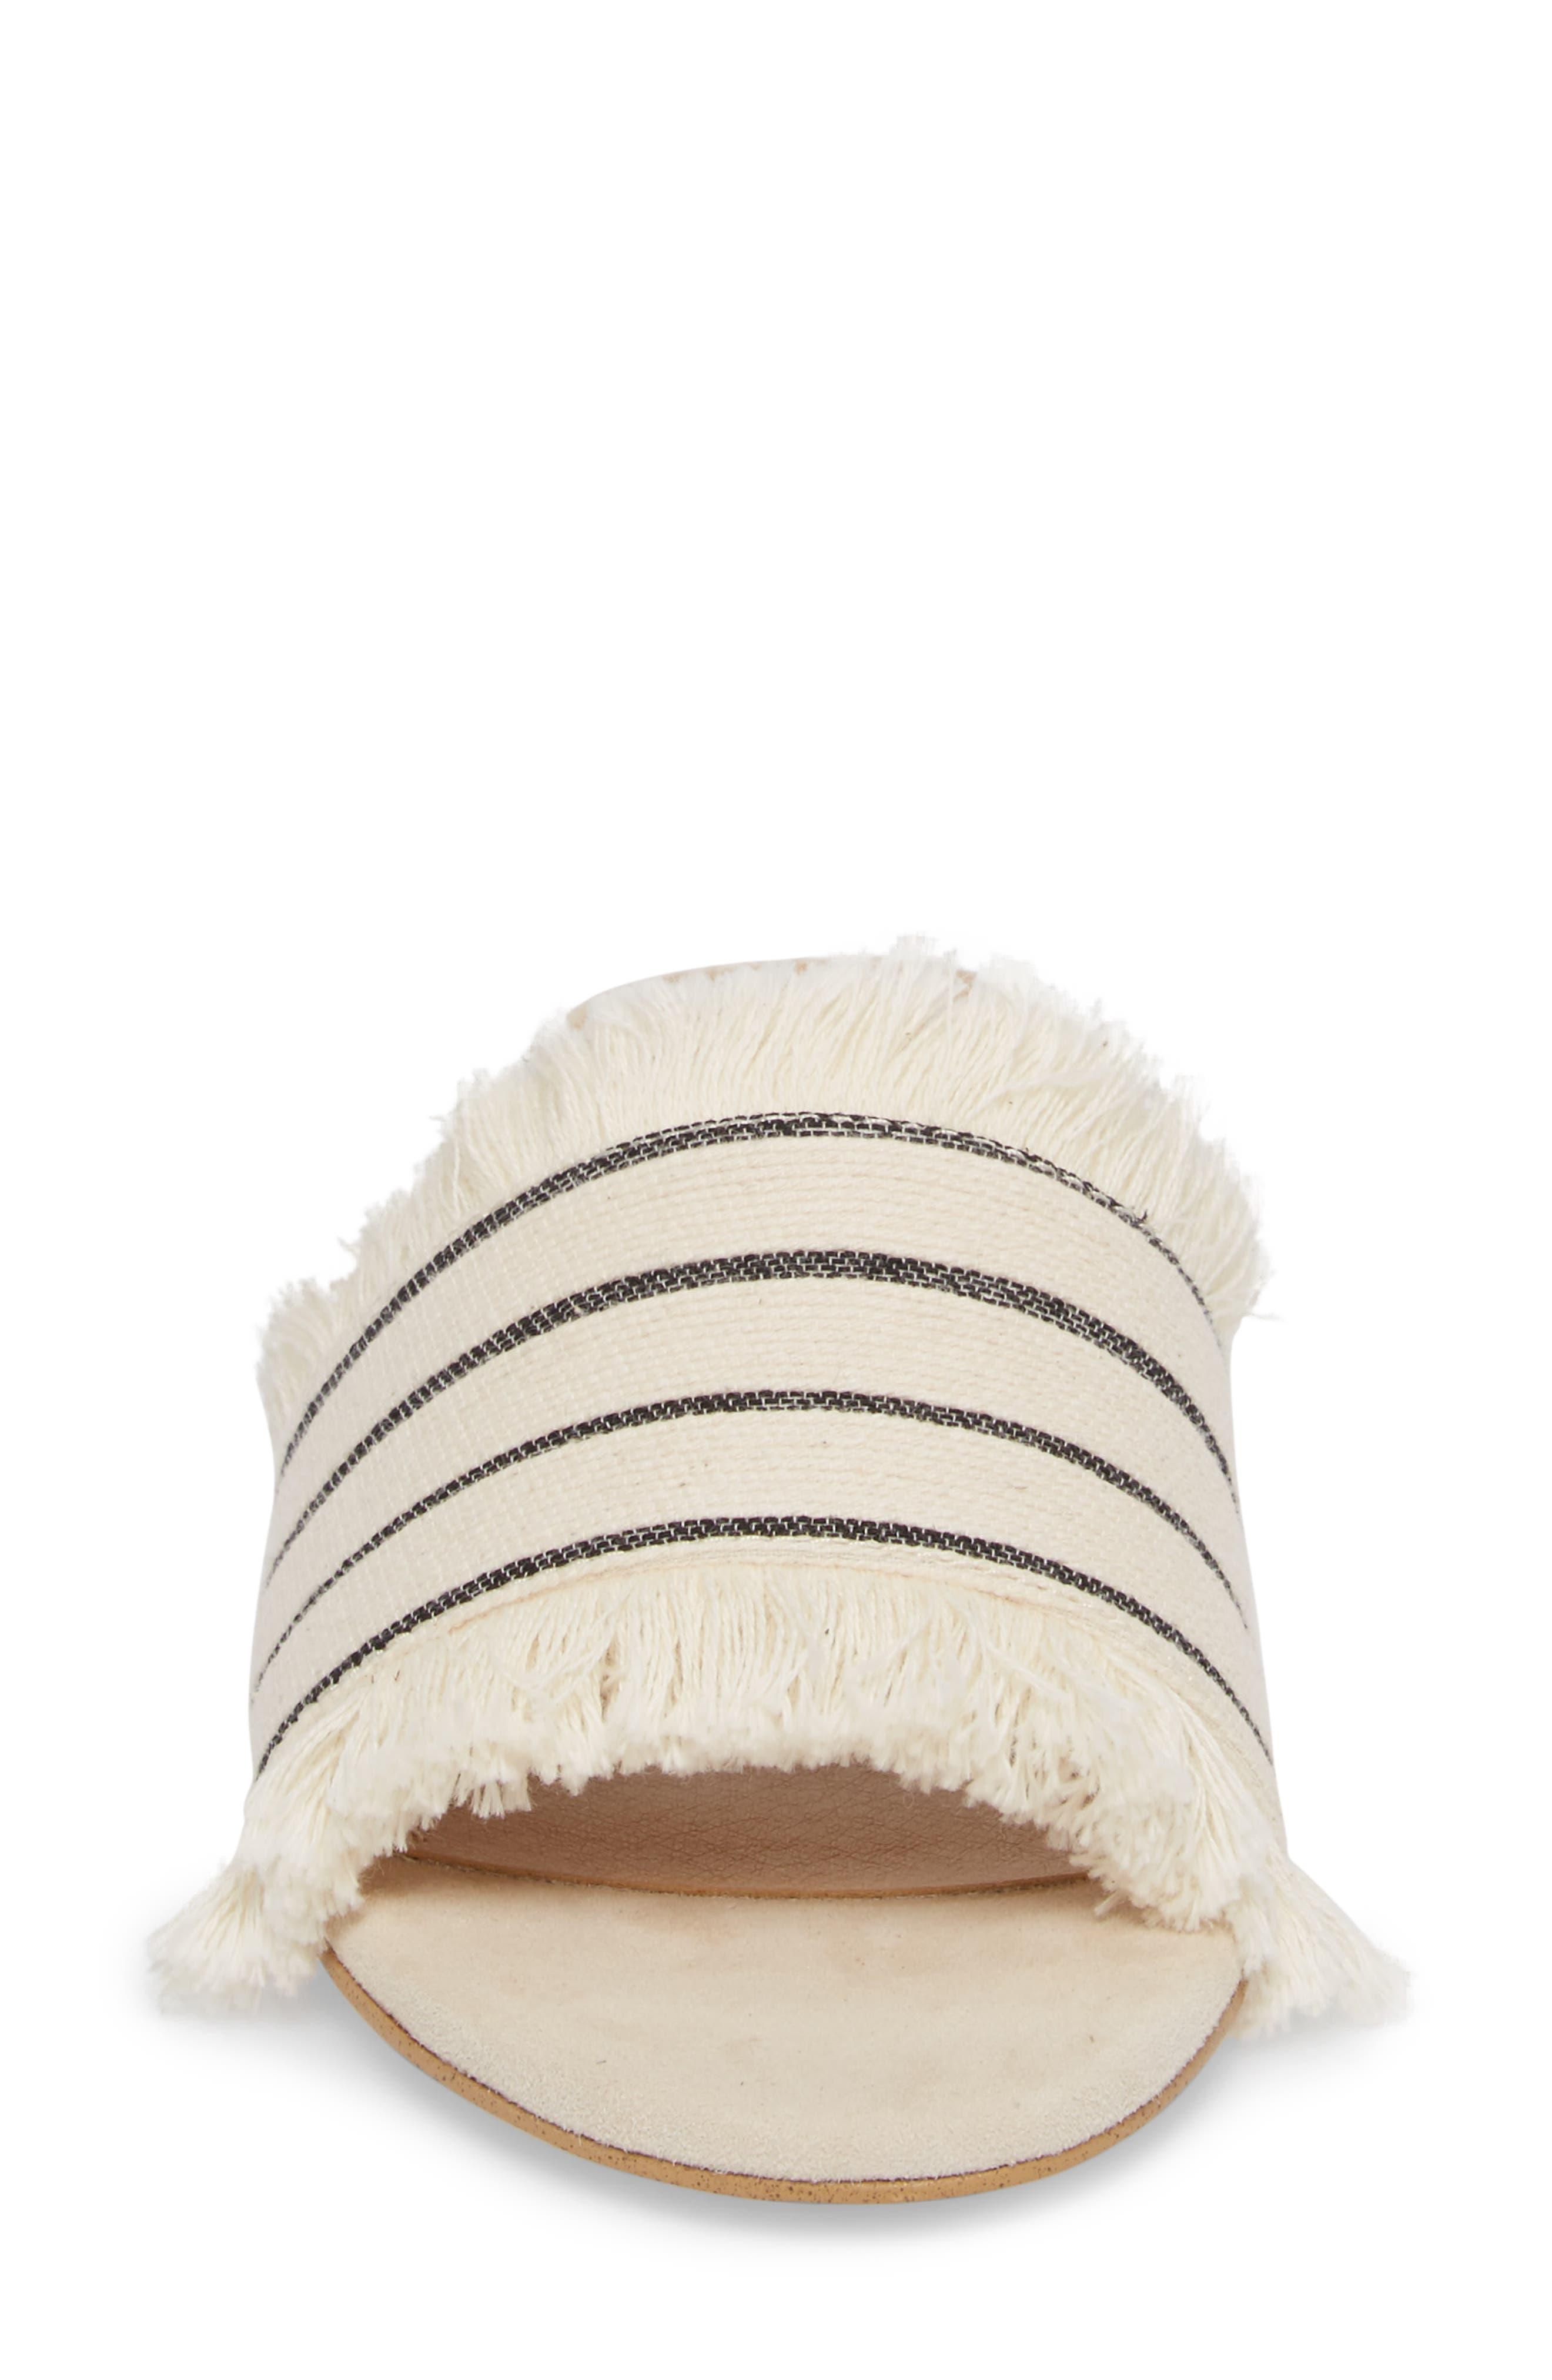 Baldwyn Fringe Slide Sandal,                             Alternate thumbnail 4, color,                             Cream Leather